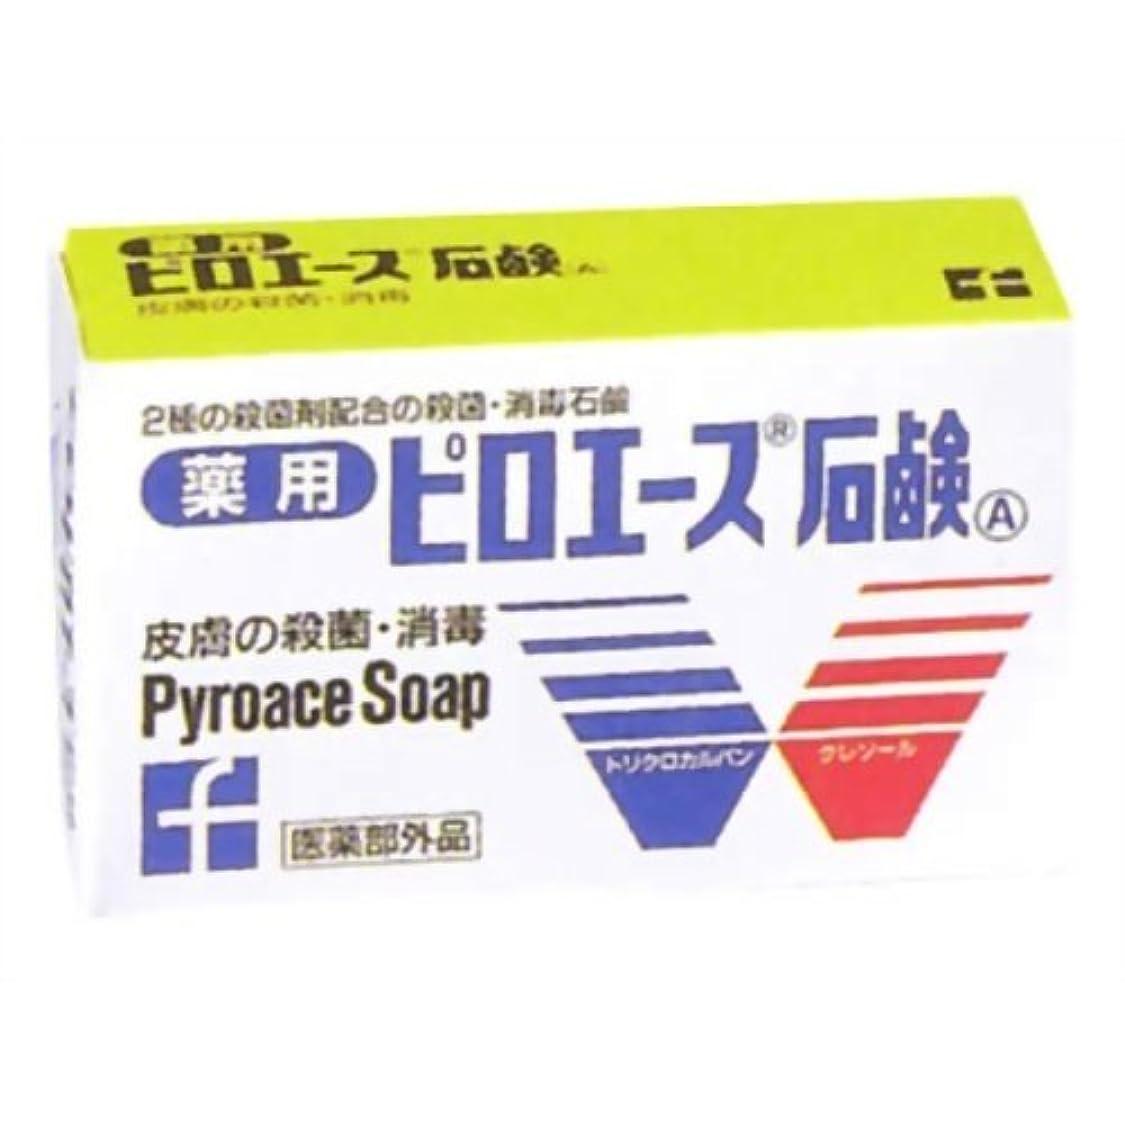 ちなみにアッパー一次【第一三共ヘルスケア】ピロエース石鹸 70g